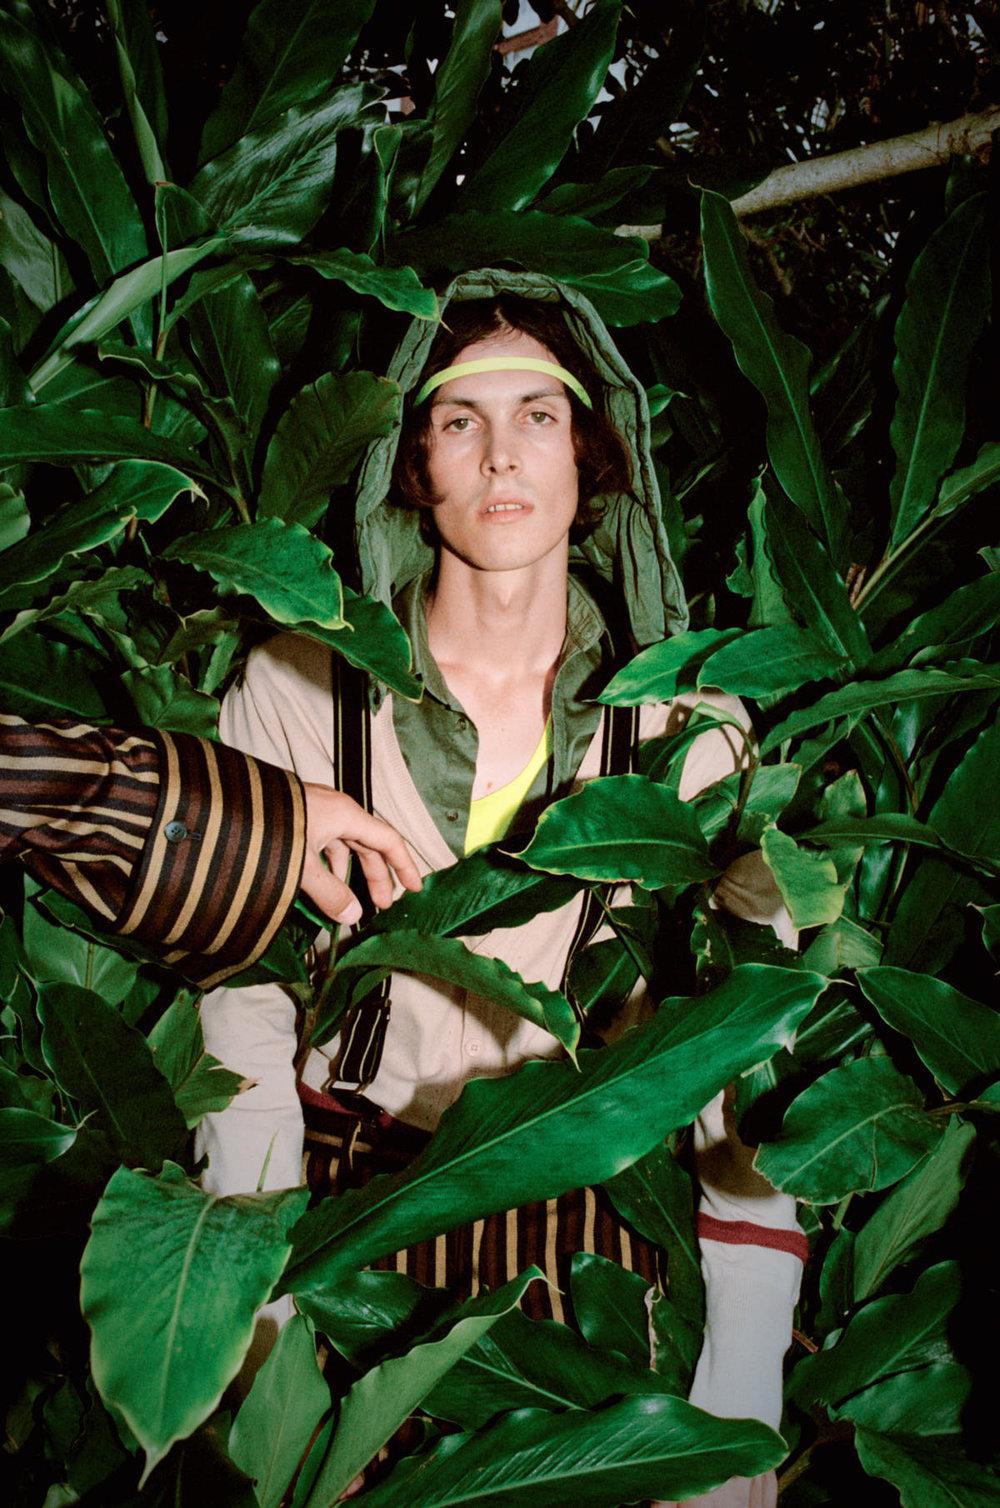 garden finalsGarden proof film000226820009_10A.jpg